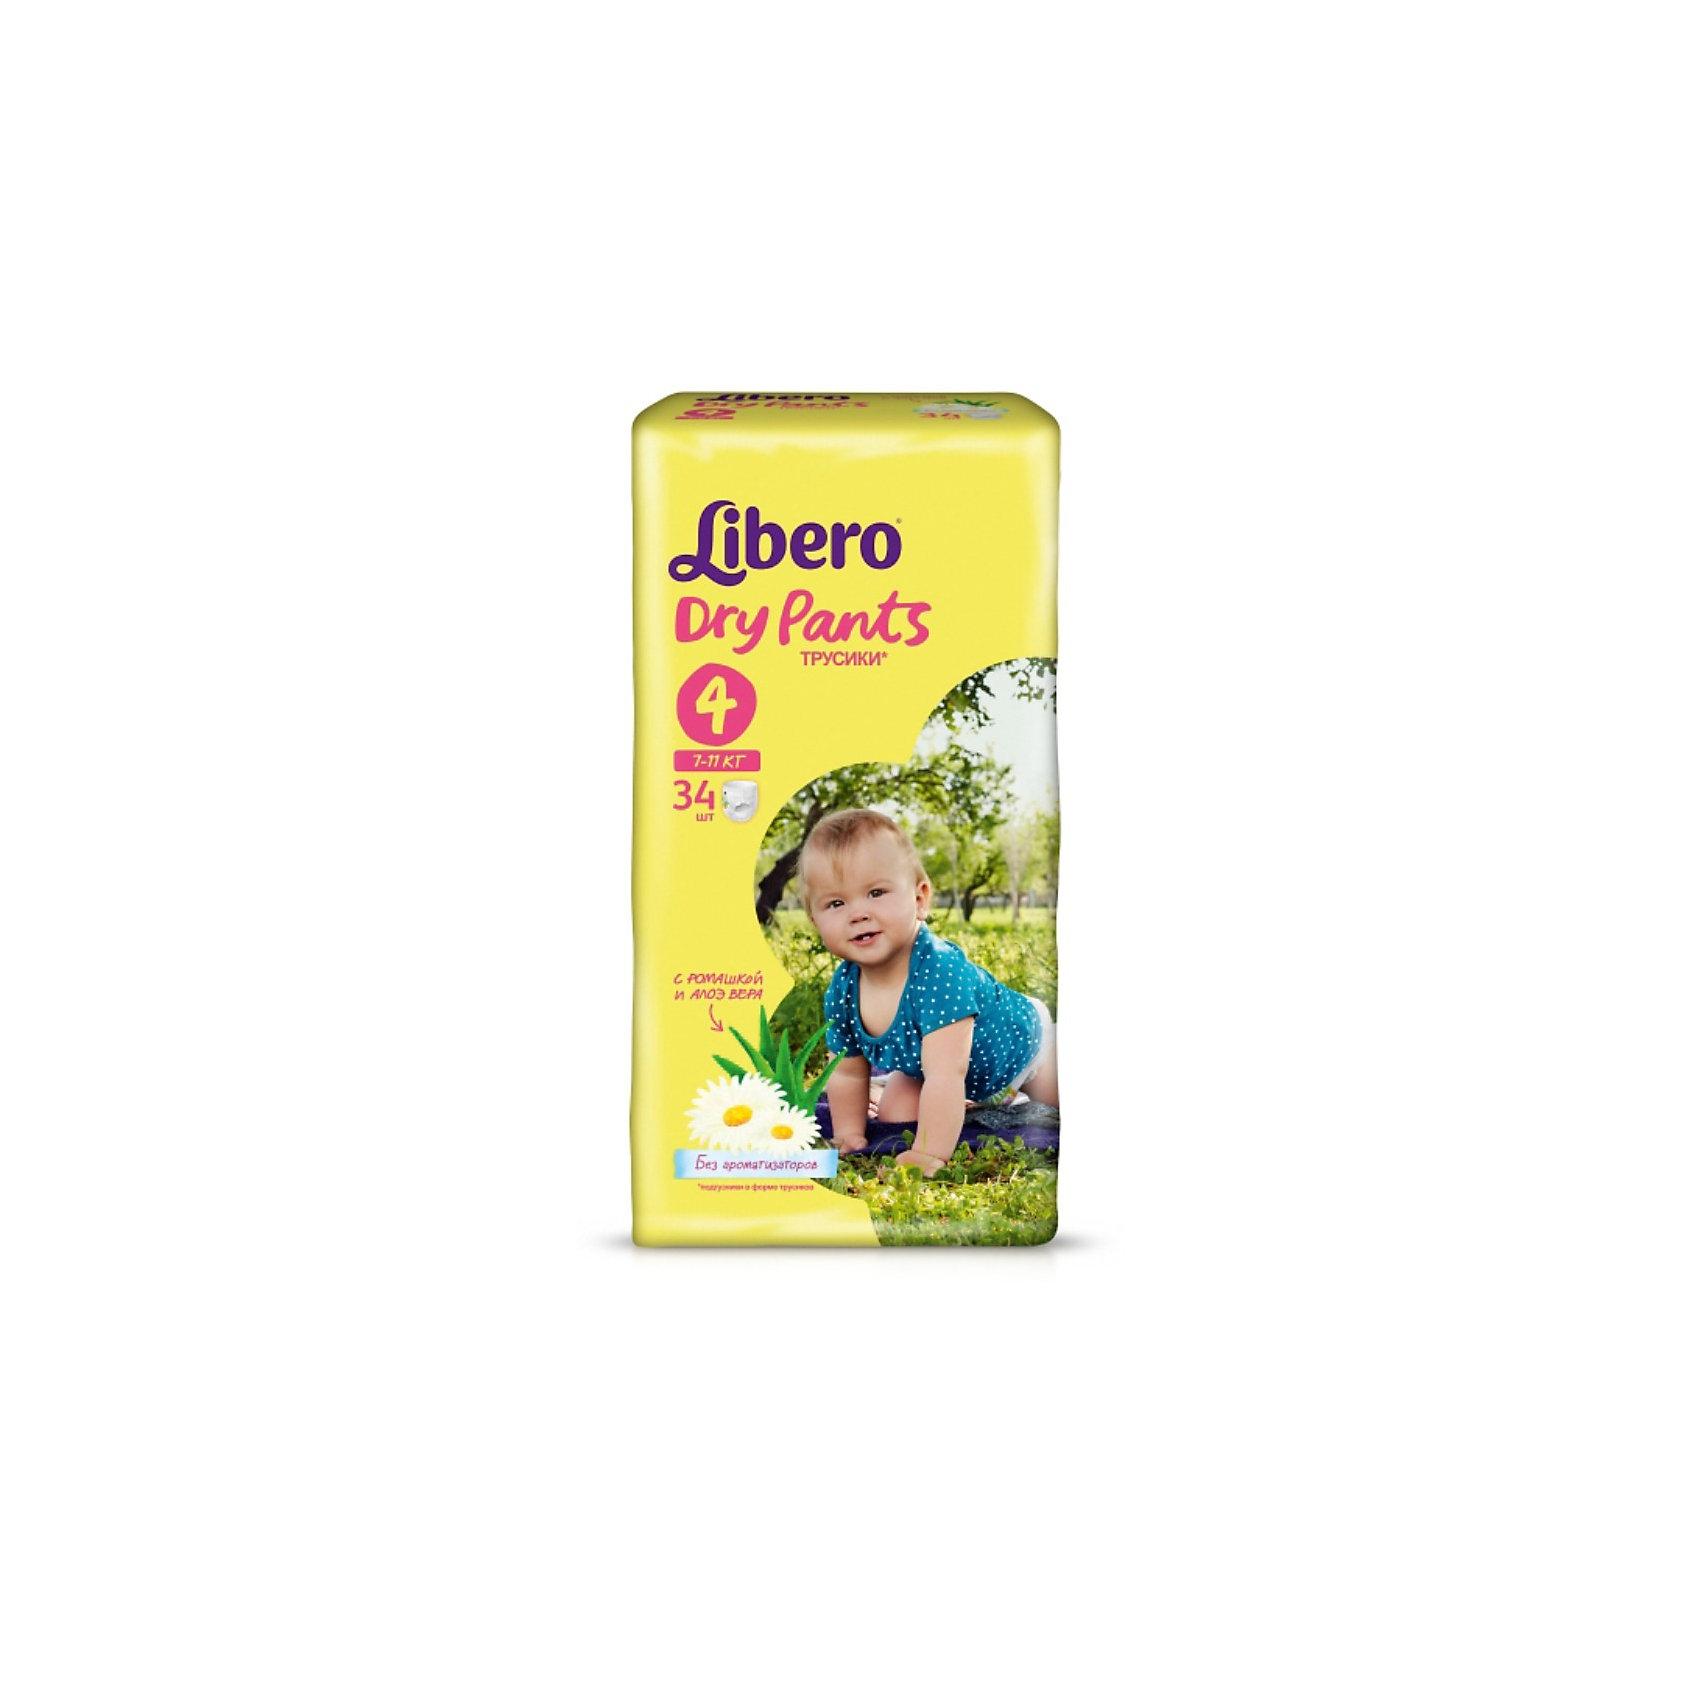 Трусики Libero Dry Pants, Maxi 7-11 кг, 34 шт.Трусики-подгузники<br>Трусики-подгузники Libero Dry Pants (Либеро Драй Пентс) Size 4 (7-11кг), 34 шт.<br><br>Характеристики: <br><br>• легко надевать<br>• мягкие и тонкие трусики<br>• отлично впитывают и удерживают влагу<br>• содержат экстракт ромашки<br>• тянущийся поясок из дышащих материалов<br>• барьеры вокруг ножек защищают от протекания<br>• не сковывают движений<br>• легко снимать и сворачивать<br>• размер: 4 (7-11 кг)<br>• количество в упаковке: 34 шт.<br><br>Если ваш малыш не любит спокойно ждать пока вы его переоденете, то трусики-подгузники Libero Dry Pants станут для вас прекрасным решением. Они легко надеваются, как обычное белье и также легко снимаются при разрывании боковых швов. Трусики очень мягкие и тонкие, при этом они отлично впитывают и удерживают влагу, не стесняя движений крохи. Экстракт ромашки и алоэ успокоит нежную кожу малыша. Высокие барьеры и эластичный поясок препятствуют протеканию.  После использования вы легко сможете свернуть трусики и заклеить из специальной клейкой лентой. Яркая упаковка и привлекательный дизайн превратят процесс переодевания в веселую игру!<br><br>Трусики-подгузники Libero Dry Pants Size 4 (7-11кг), 34 шт. вы можете купить в нашем интернет-магазине.<br><br>Ширина мм: 147<br>Глубина мм: 195<br>Высота мм: 355<br>Вес г: 1135<br>Возраст от месяцев: 6<br>Возраст до месяцев: 24<br>Пол: Унисекс<br>Возраст: Детский<br>SKU: 3517632